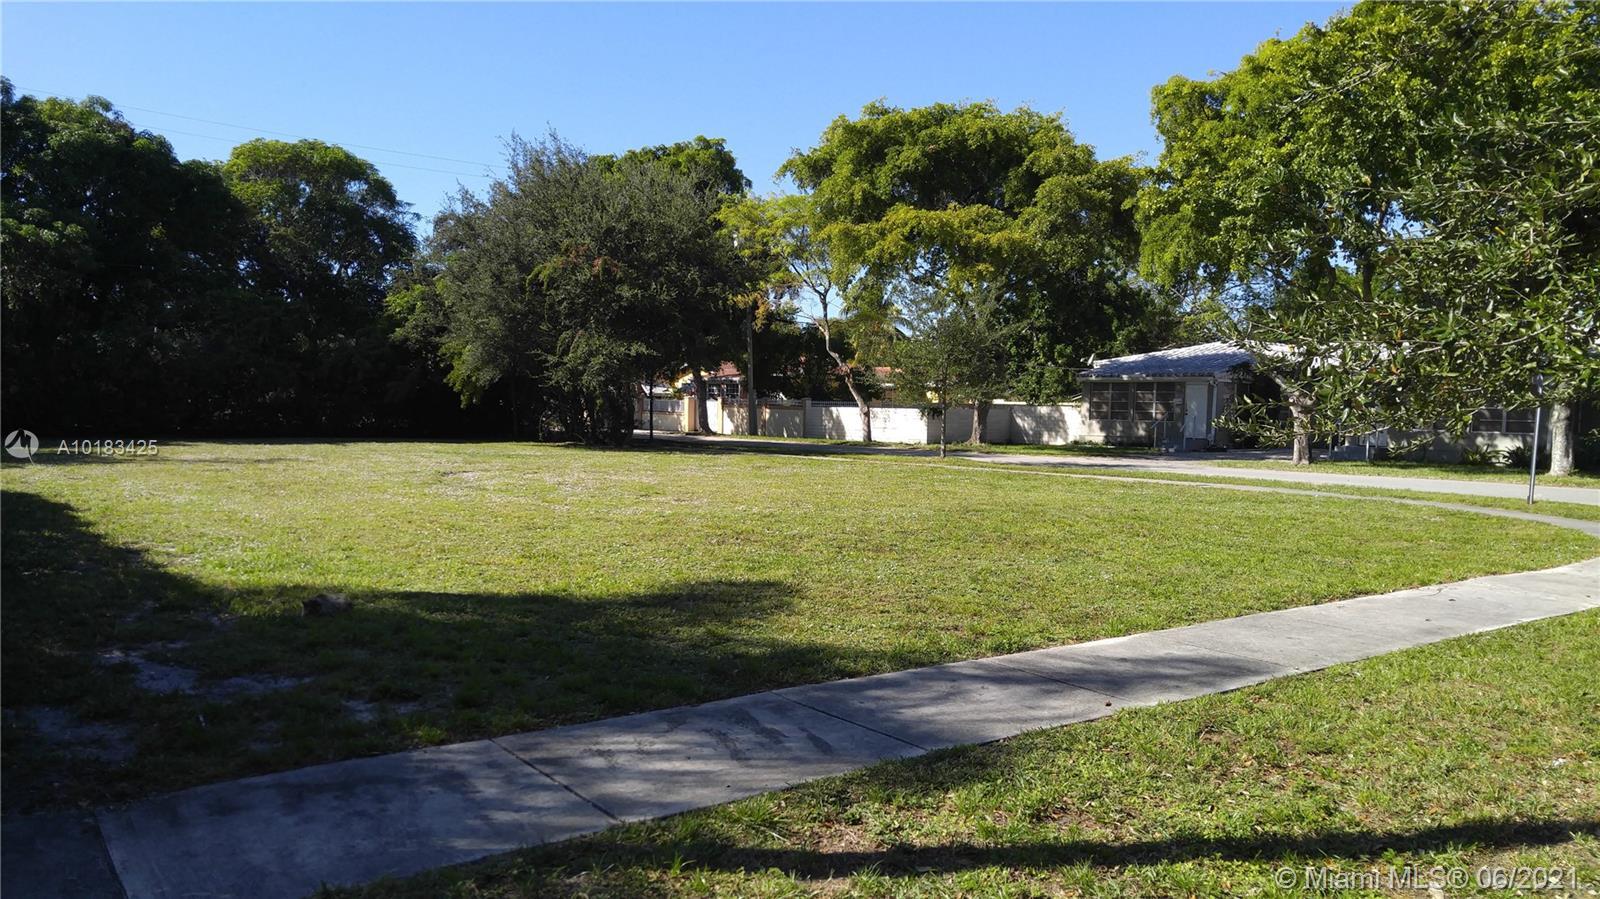 1130 NE 123rd St, North Miami, FL, 33161 Primary Photo